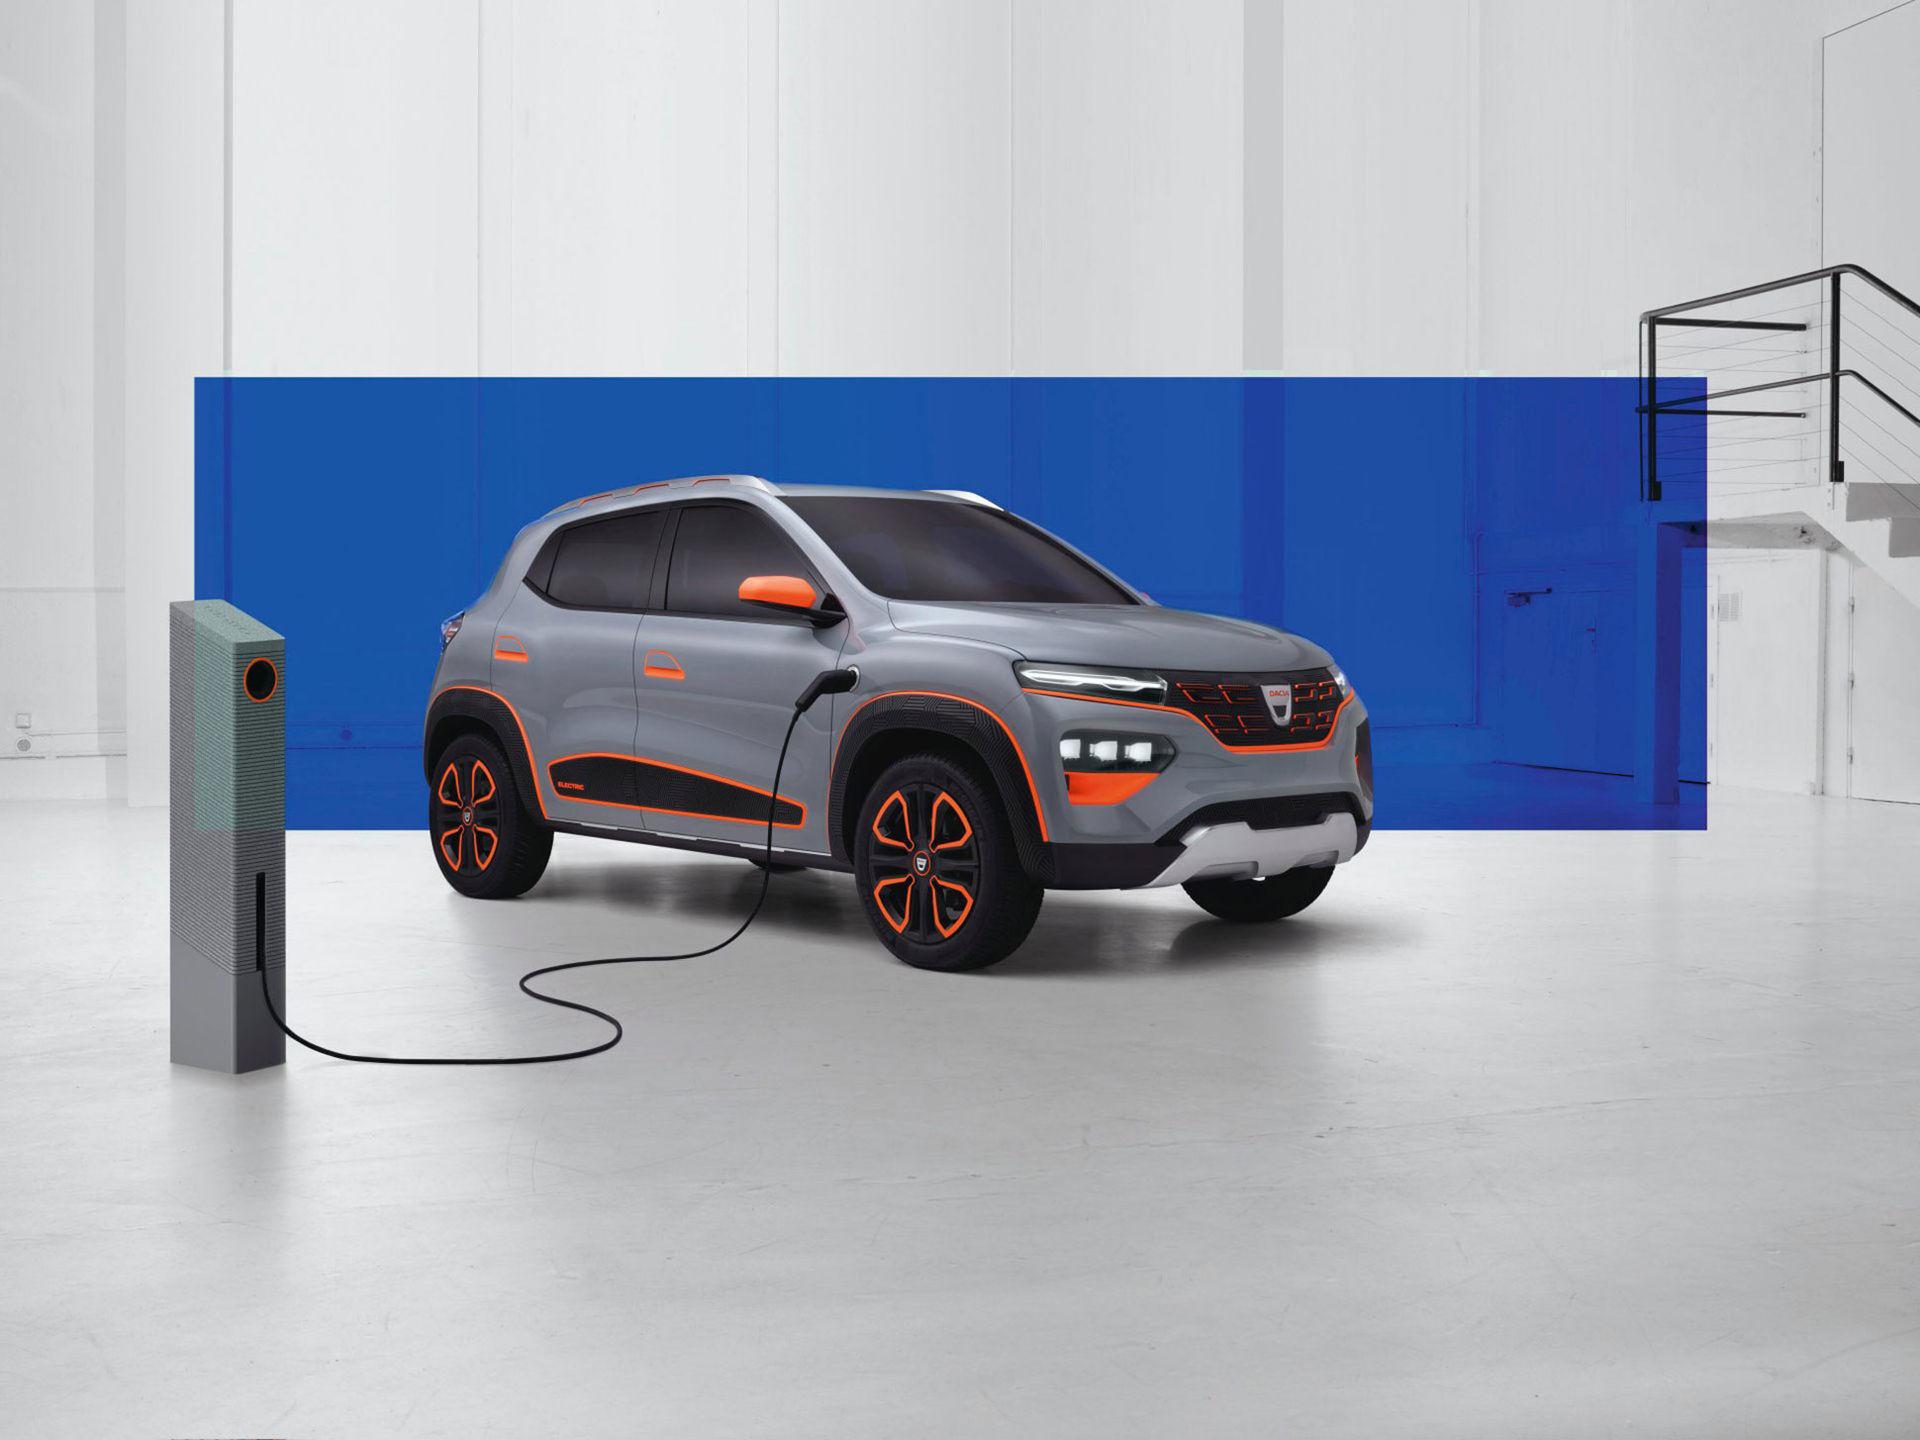 Dacia visar eldriven konceptbil